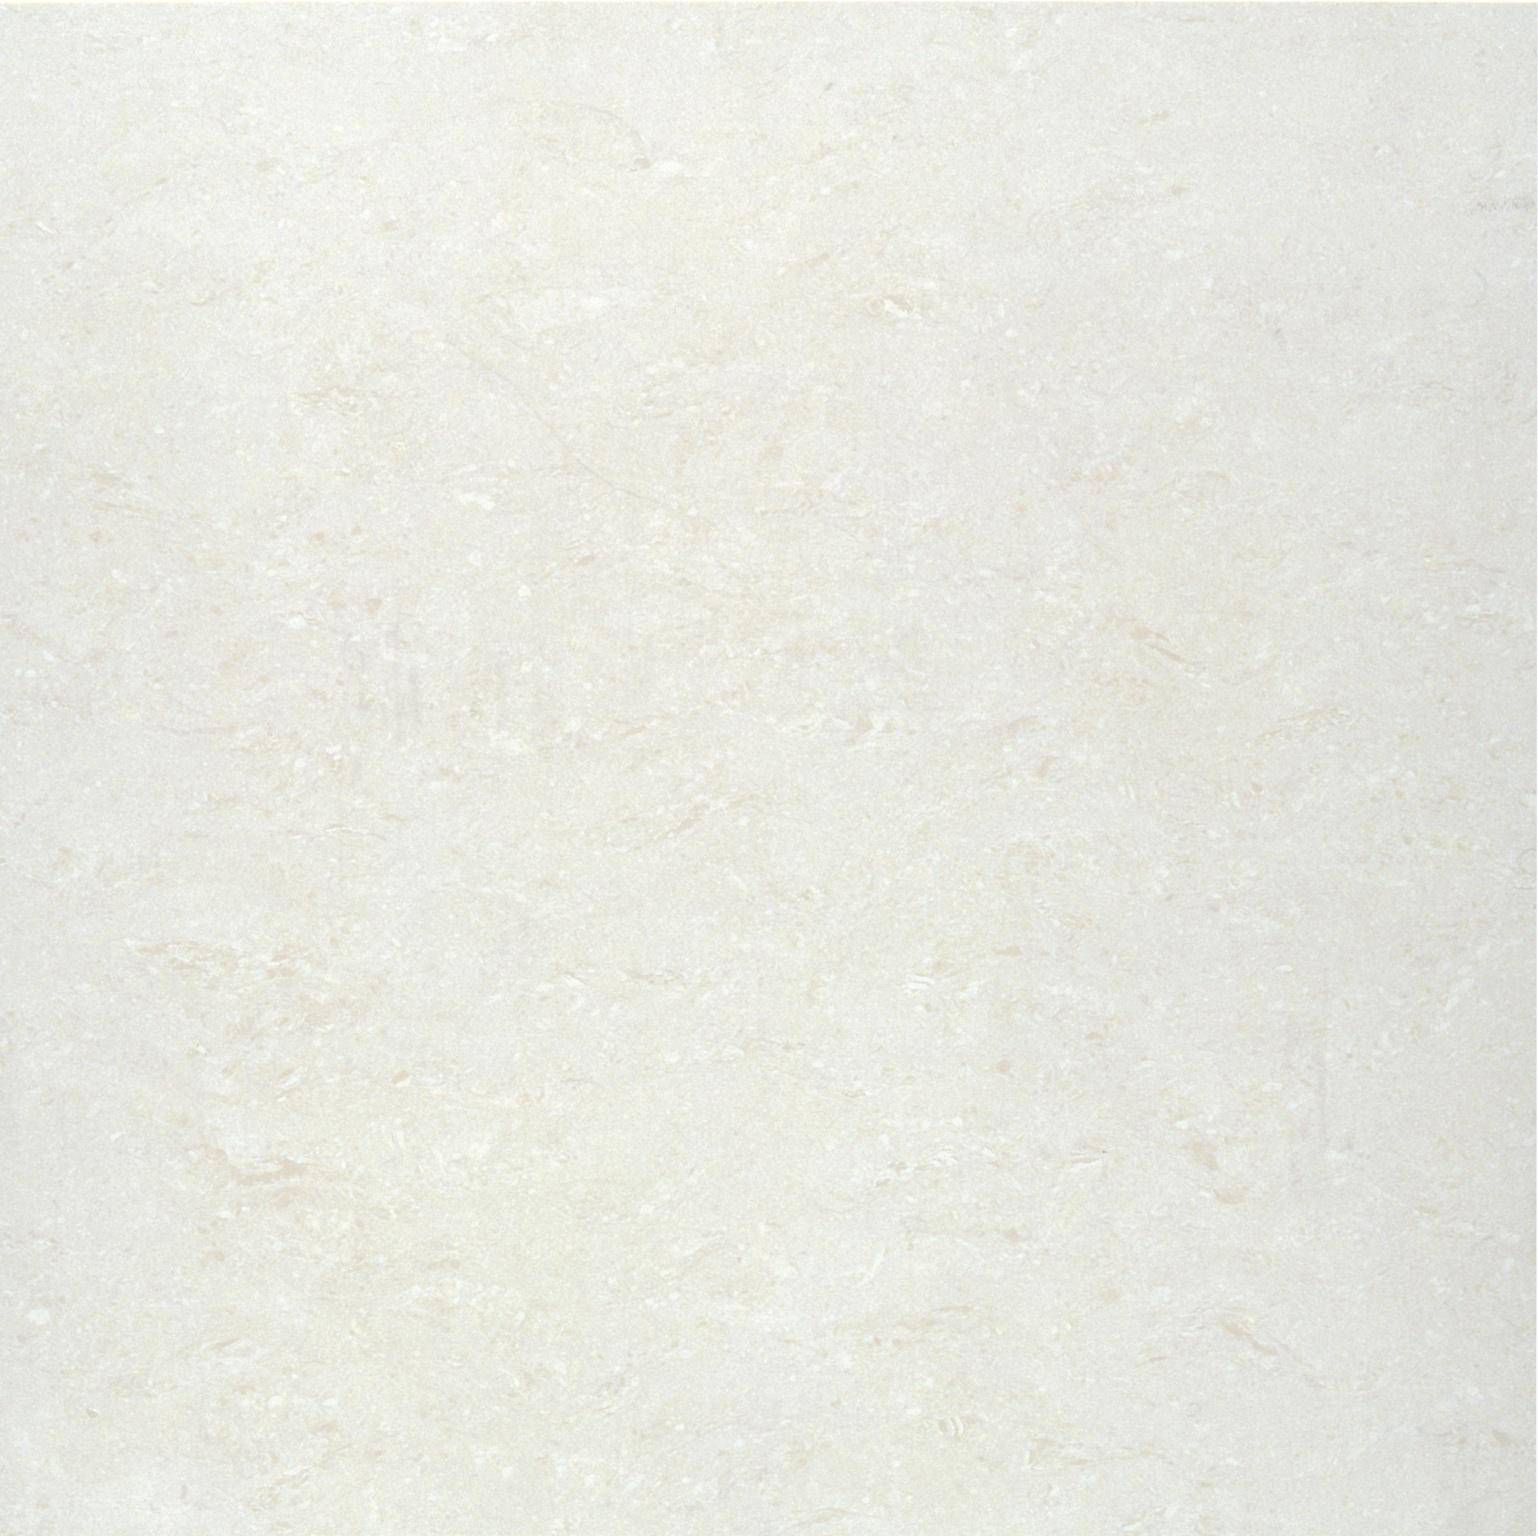 PS.BAR2.WHIT.193.1019.1F_2048X1536.jpg